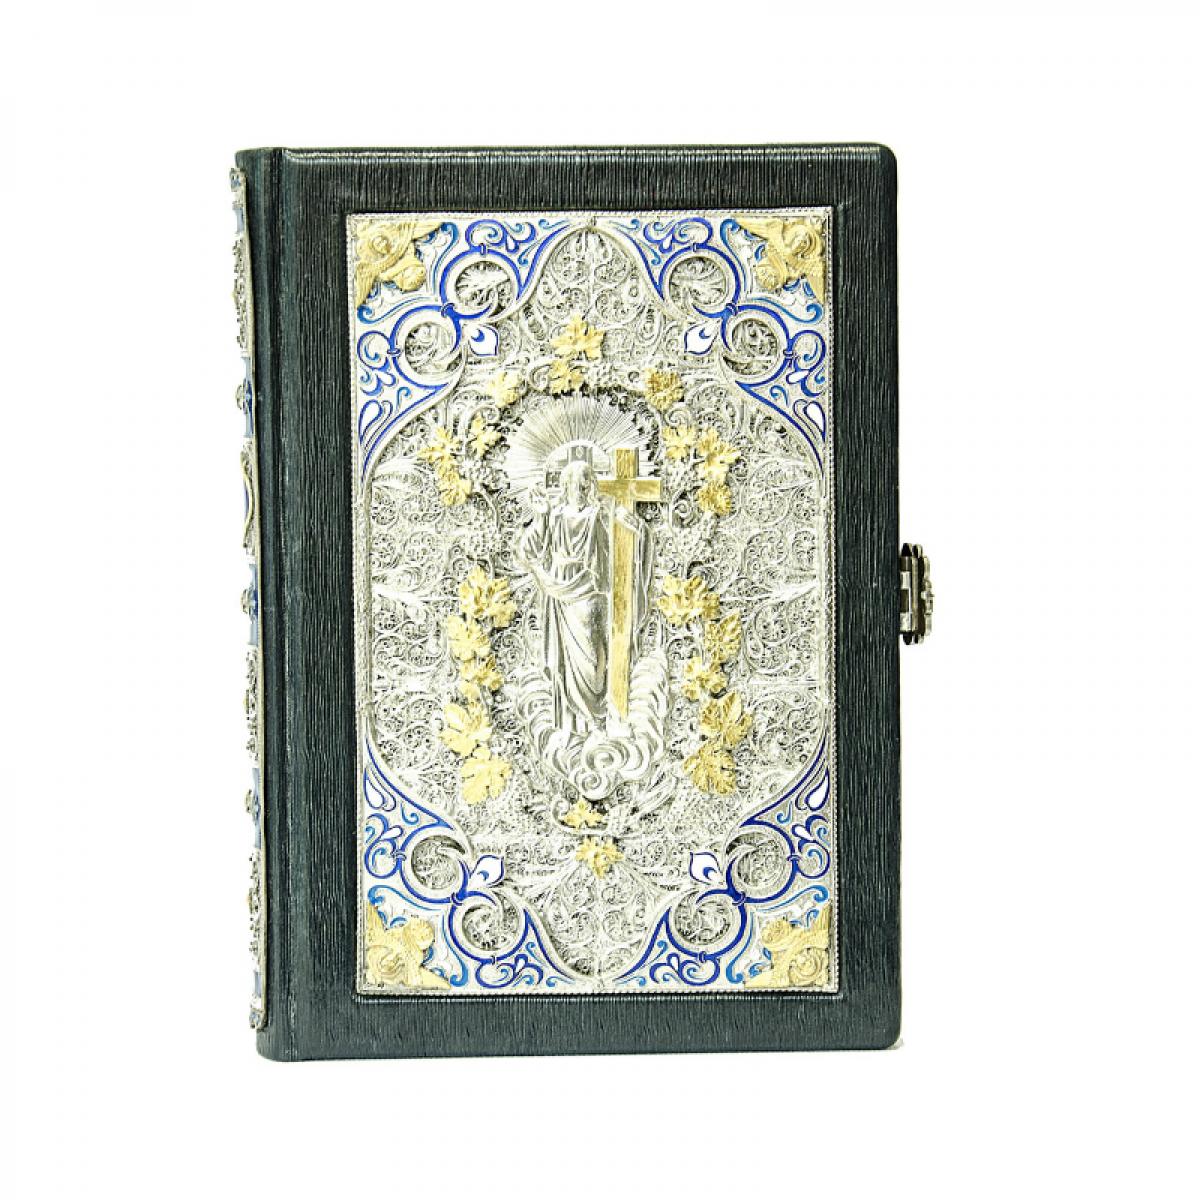 Эксклюзивная Библия в кожаном переплете. Фото №1. | Народный дом Украина